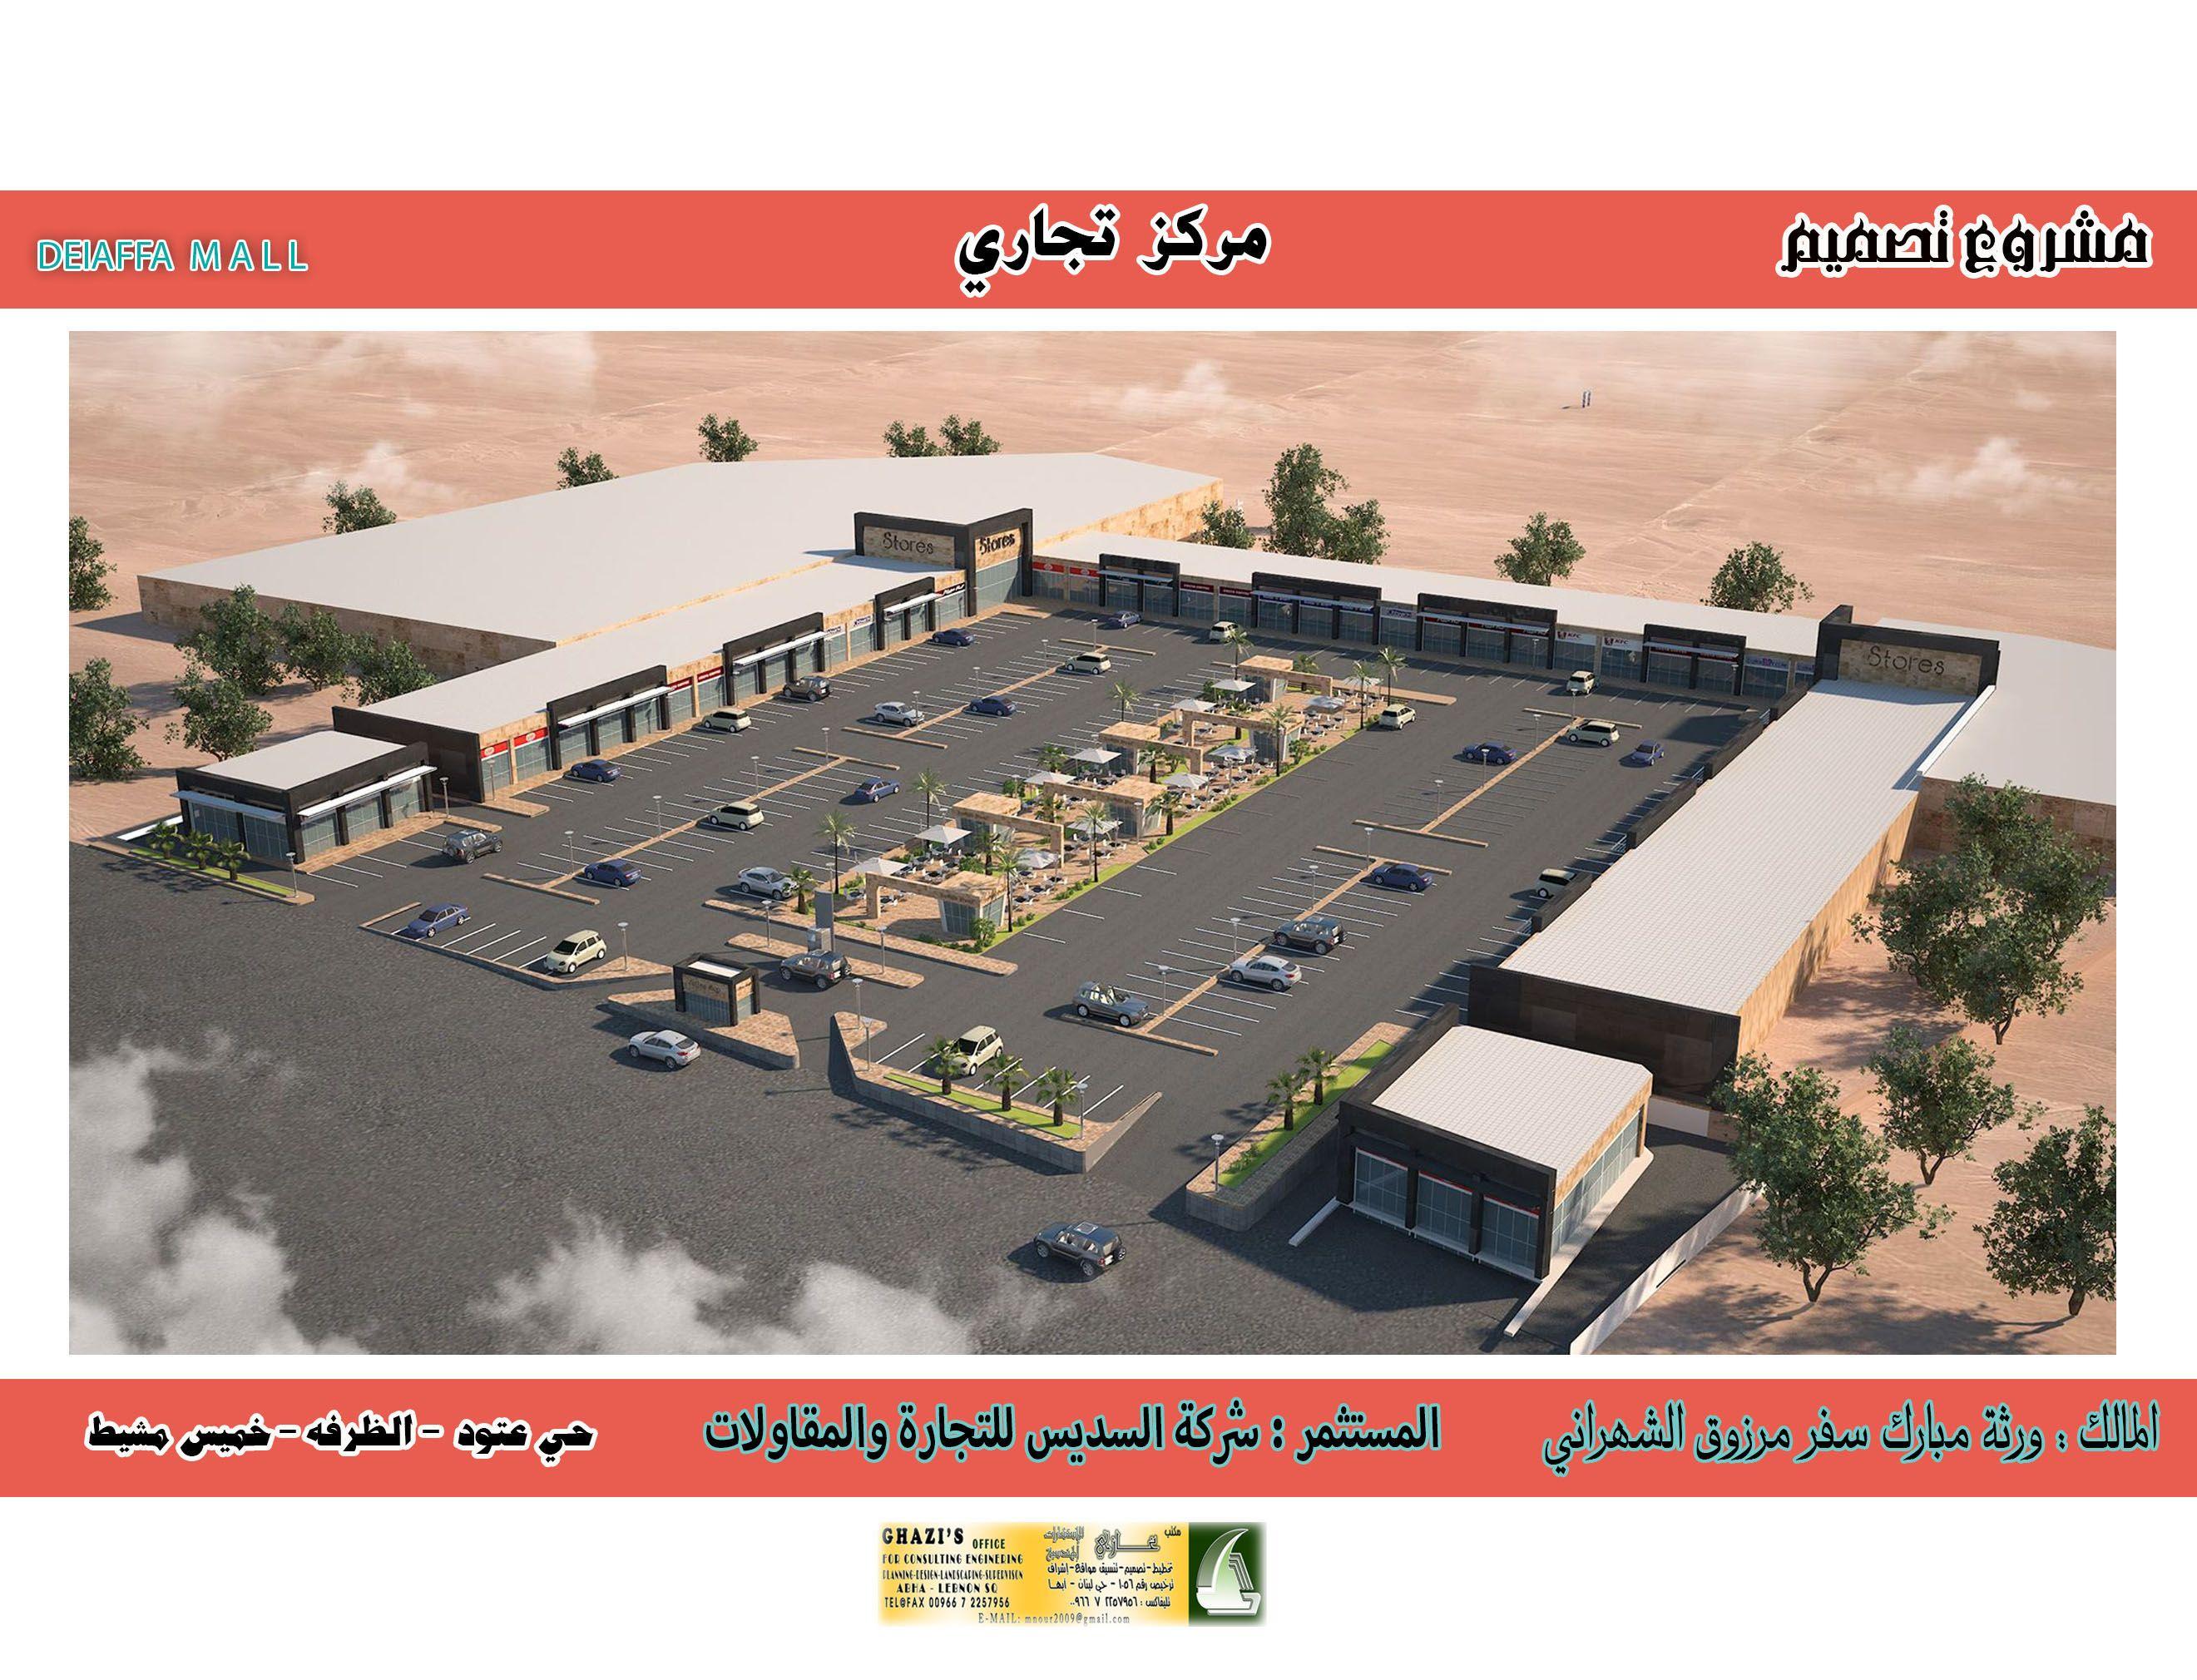 Grand Mall Assir Ksa Mall Facebook Sign Up Grands